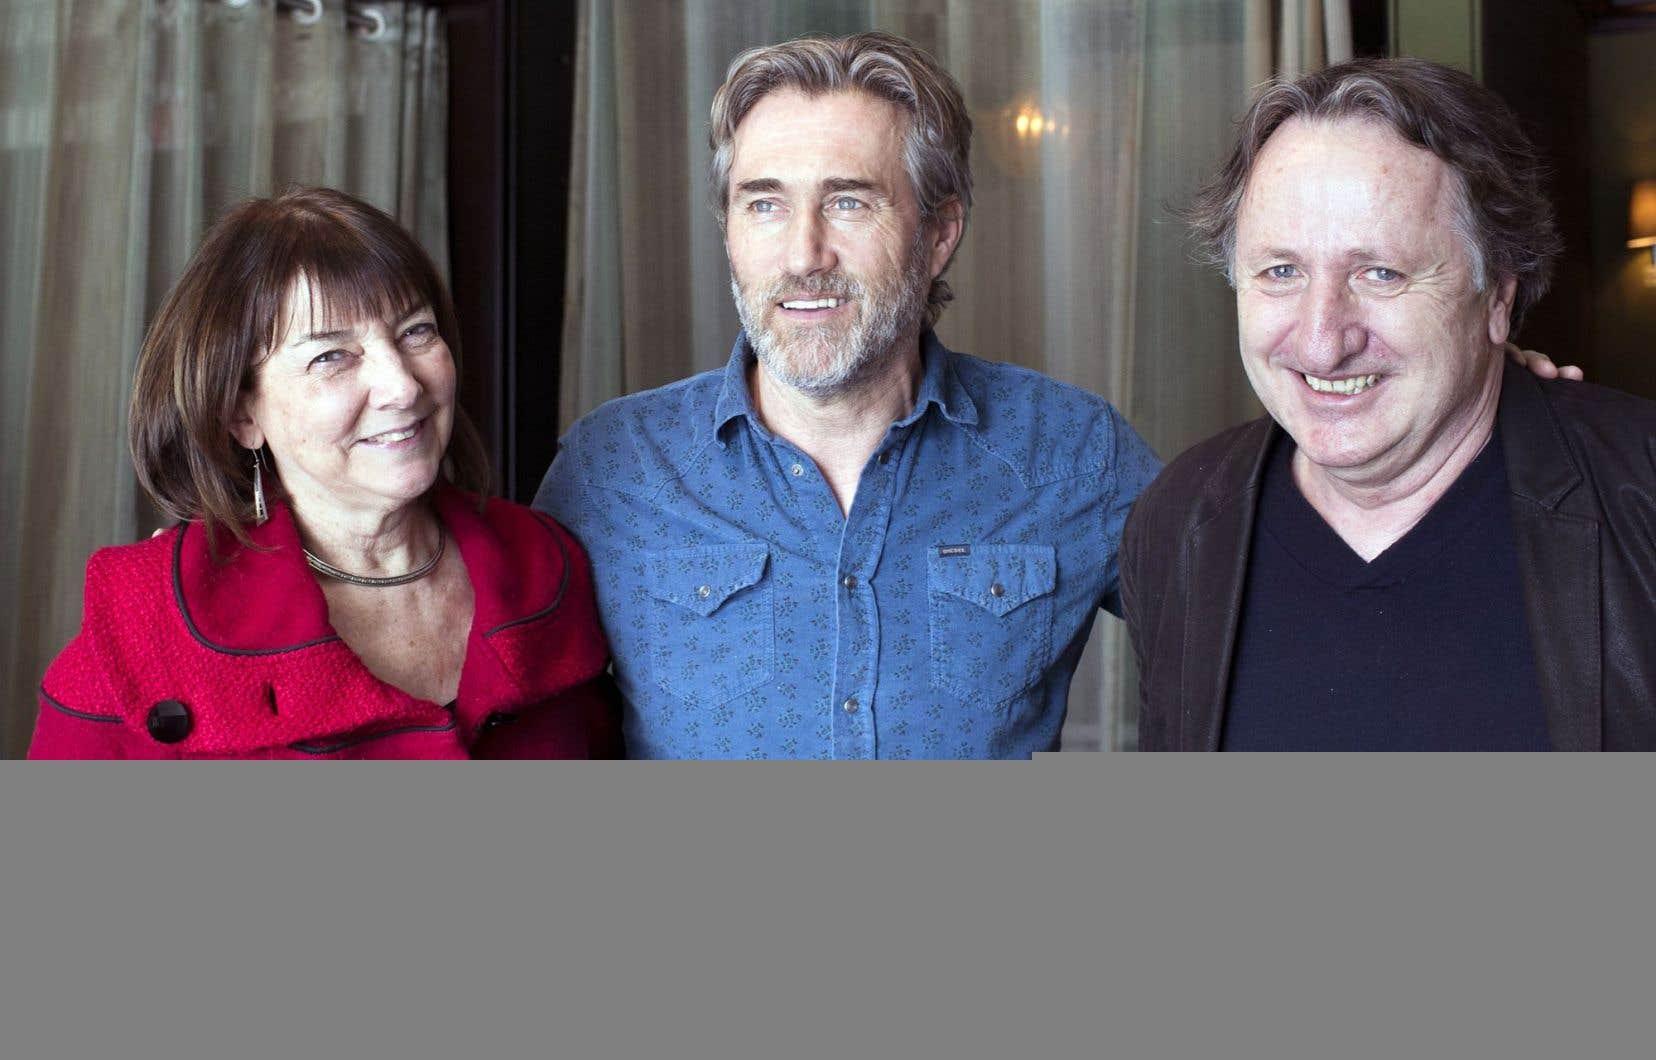 Le comédien Roy Dupuis entouré de Carole Poliquin et Yvan Dubuc